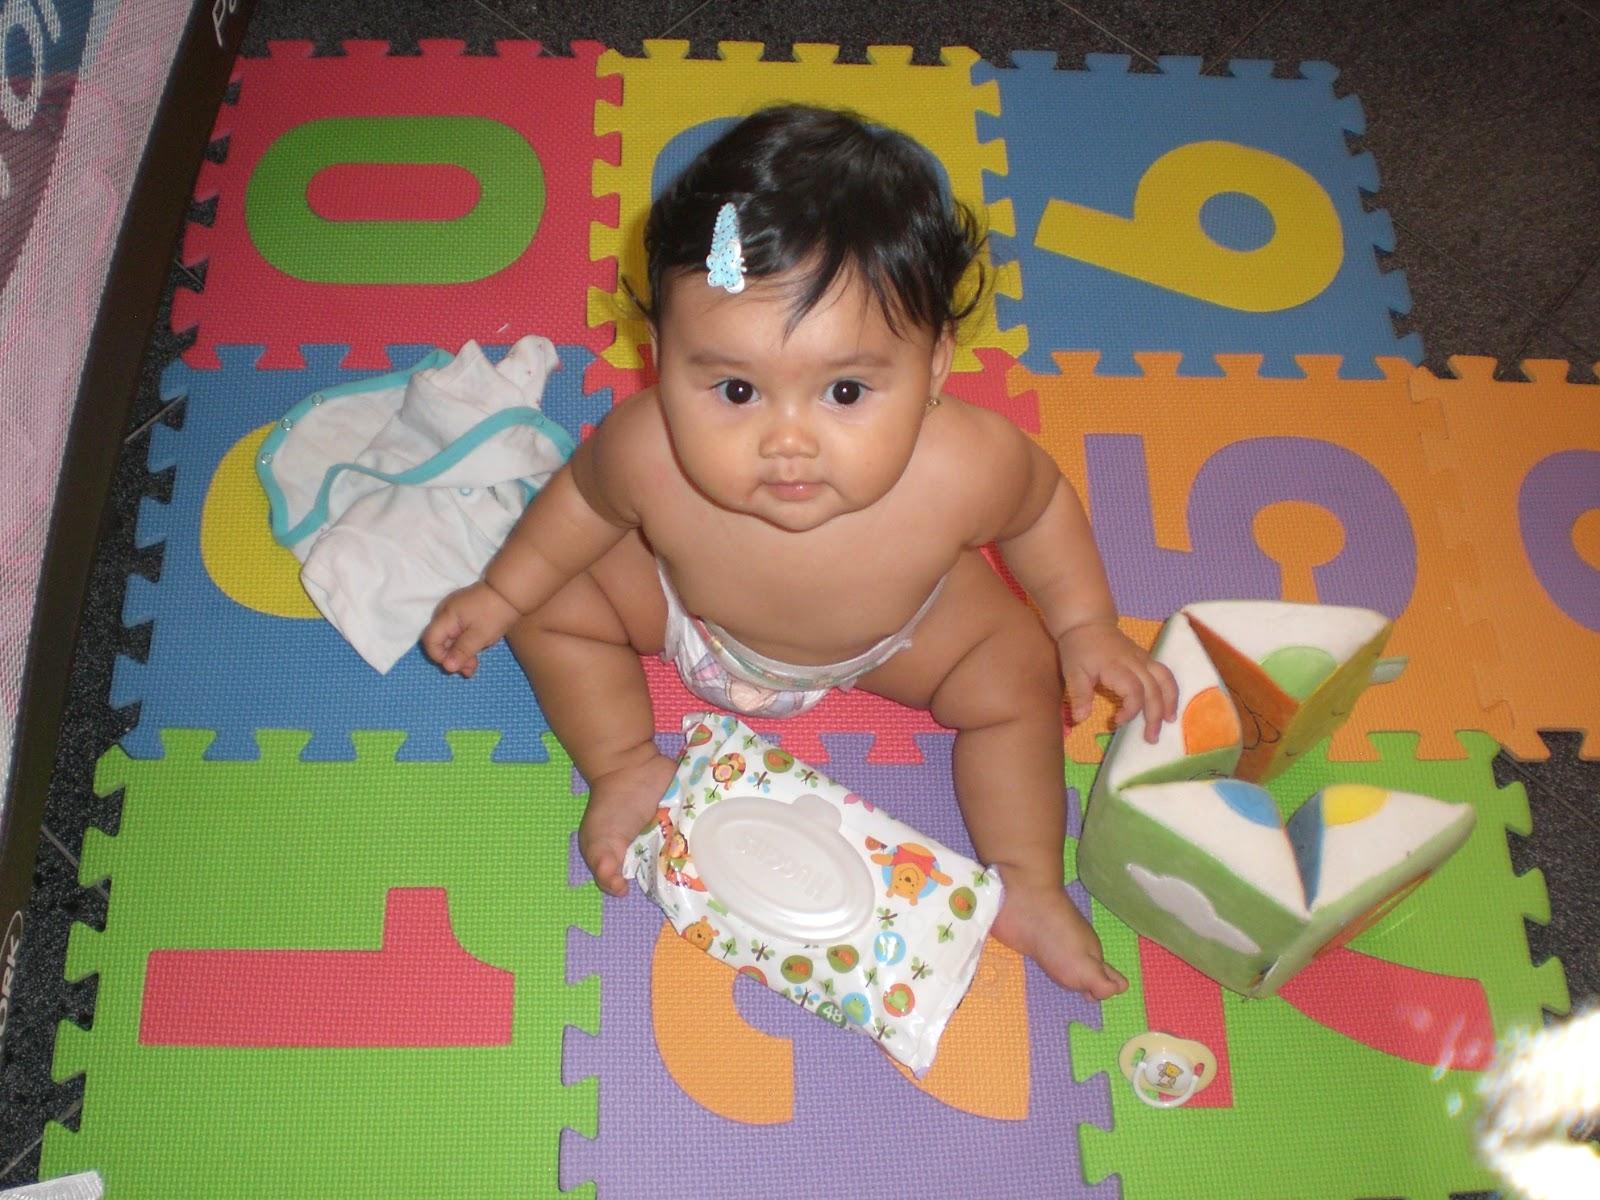 Comunicaci n no verbal en la primera infancia compartiendo de 7 a 12 meses - Juguetes para ninos 10 meses ...